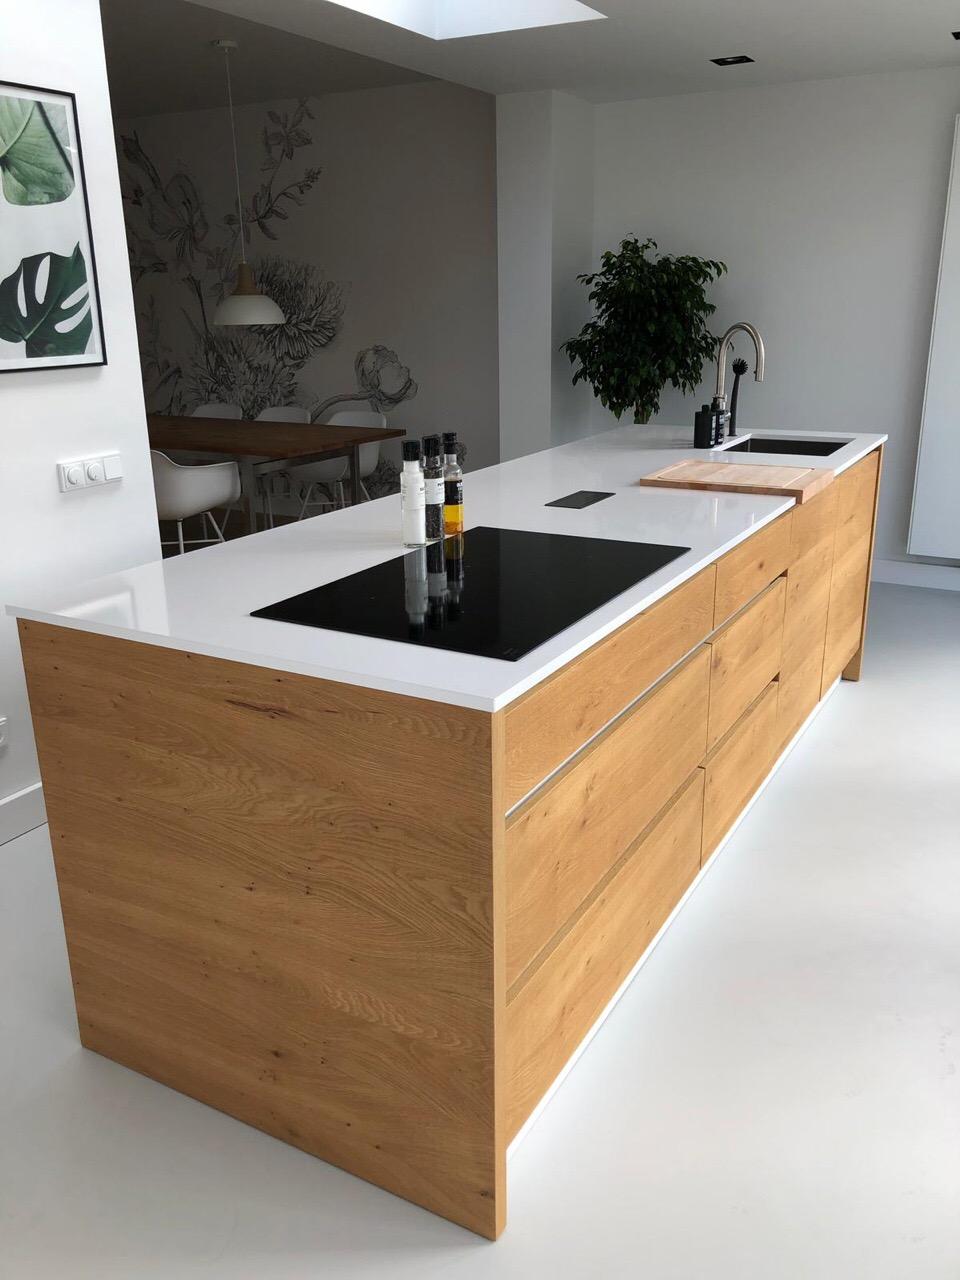 Keuken Hoogglans Wit Met Eiken Kookeiland Vicini Design